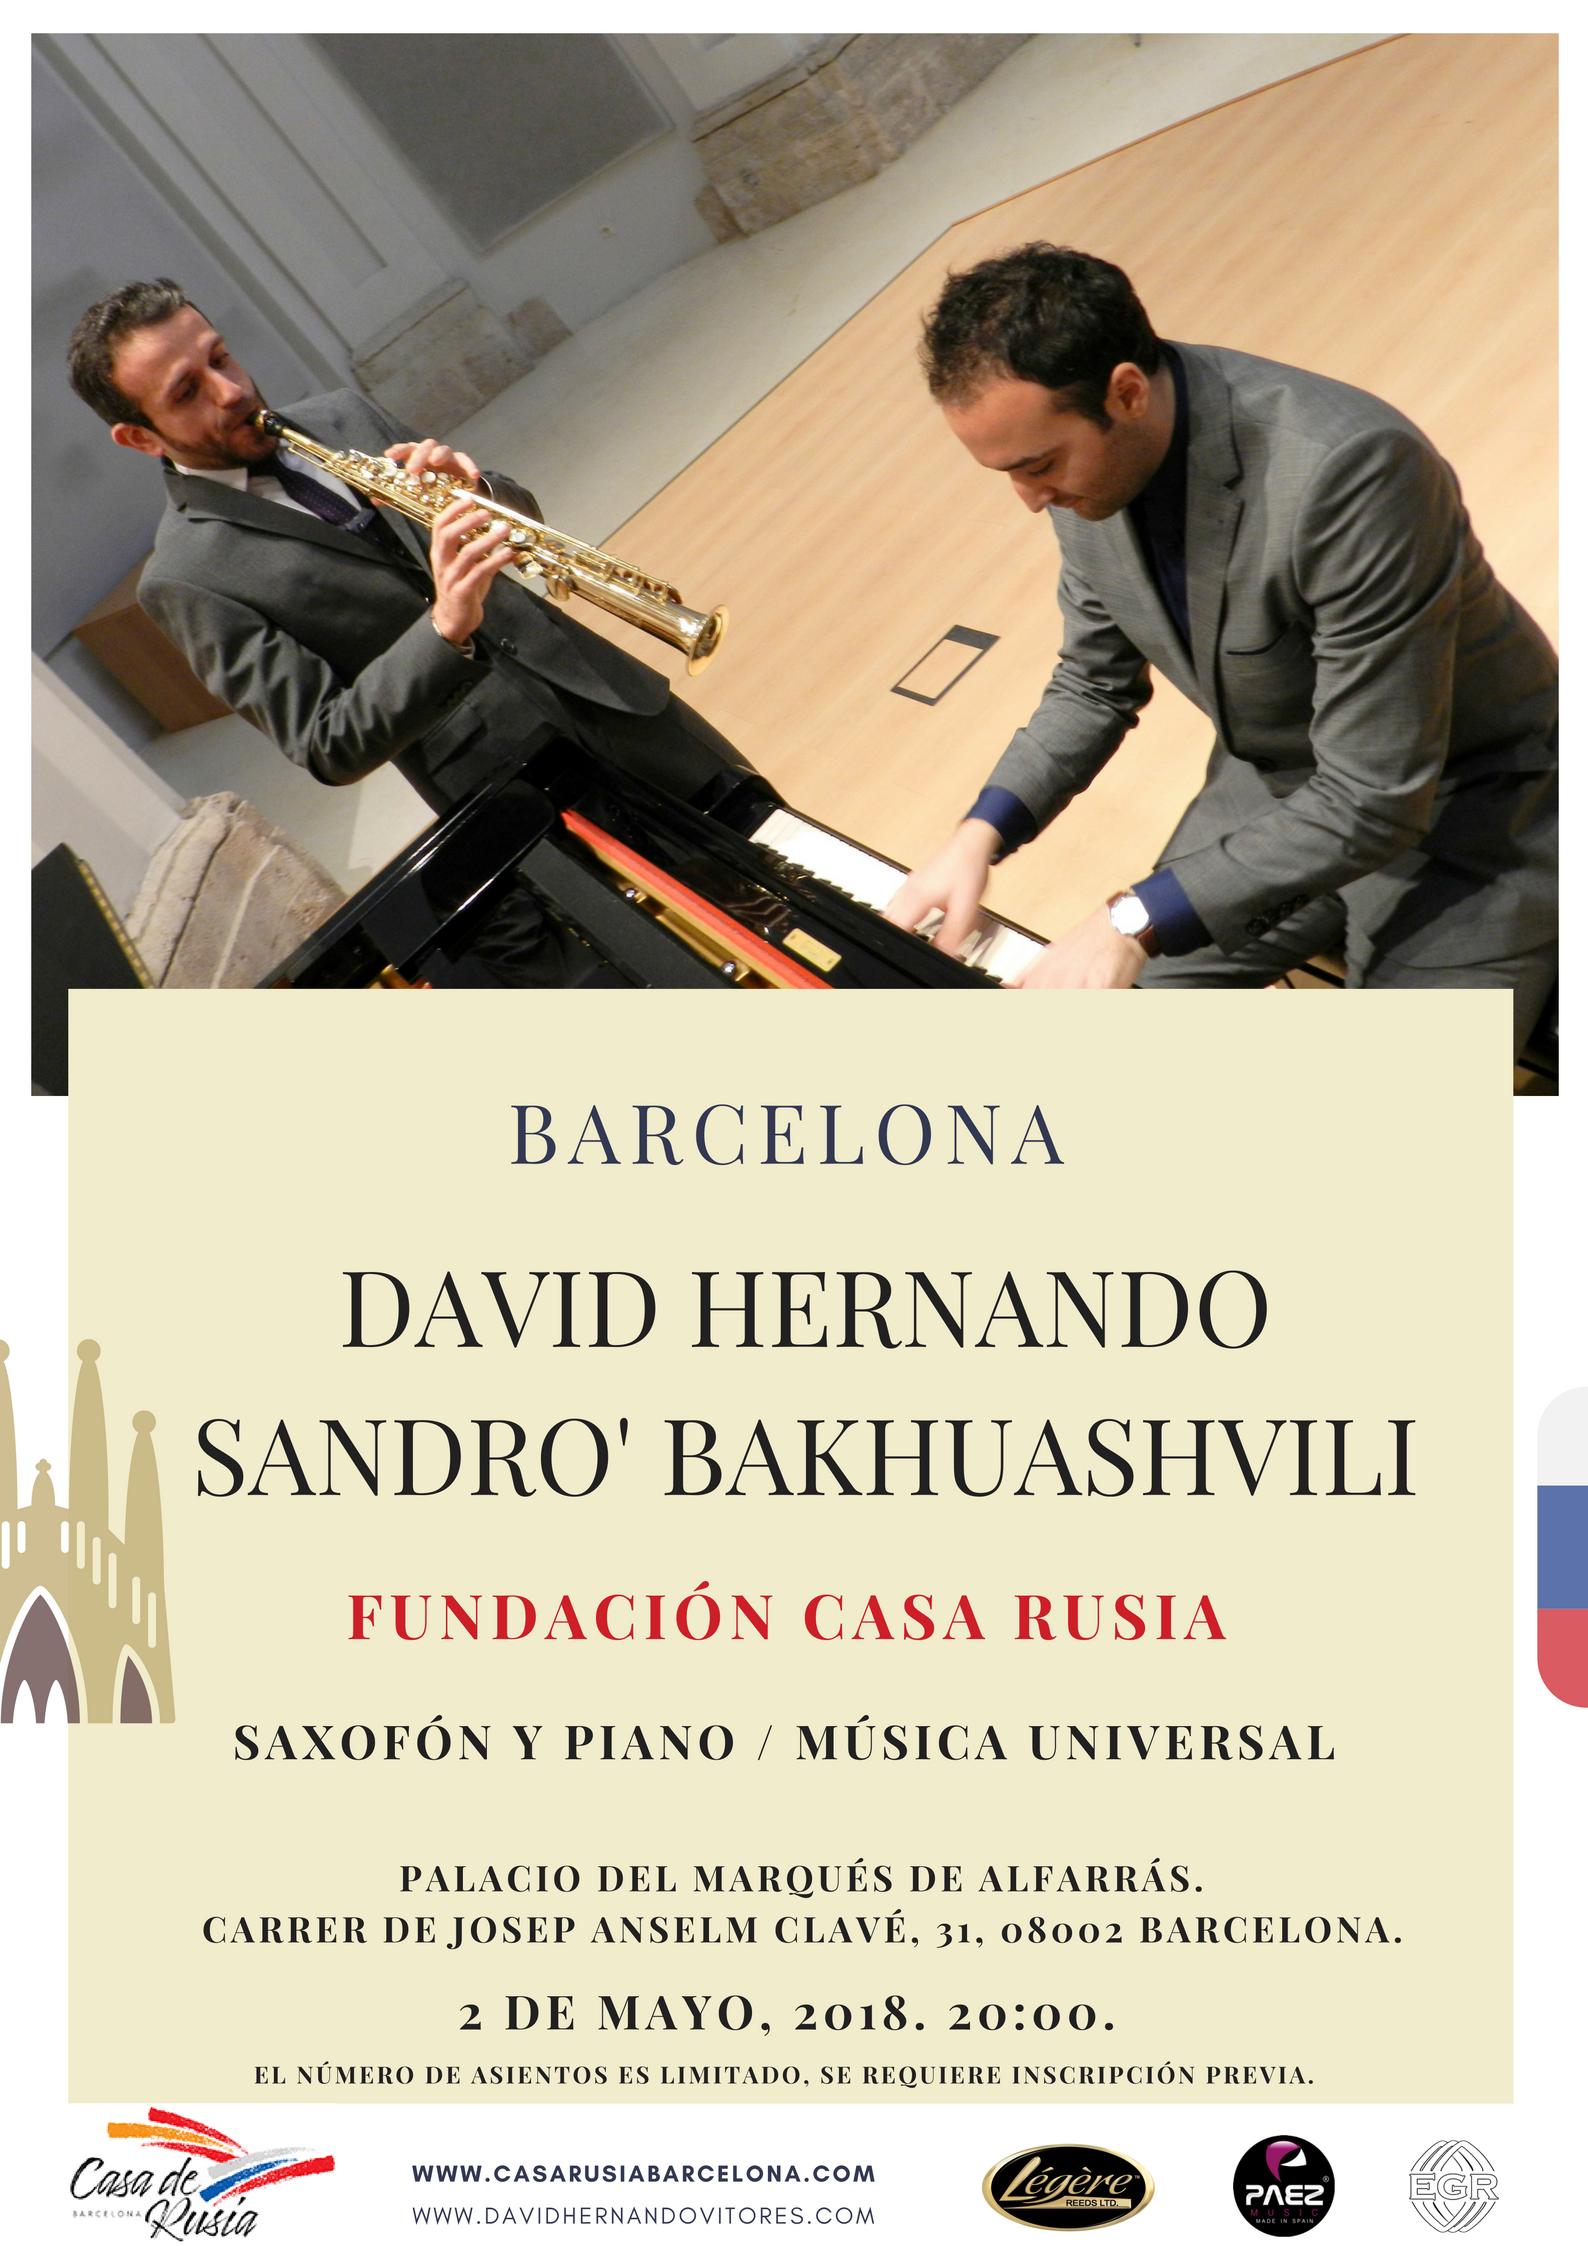 Barcelona - Cartel 2 de mayo